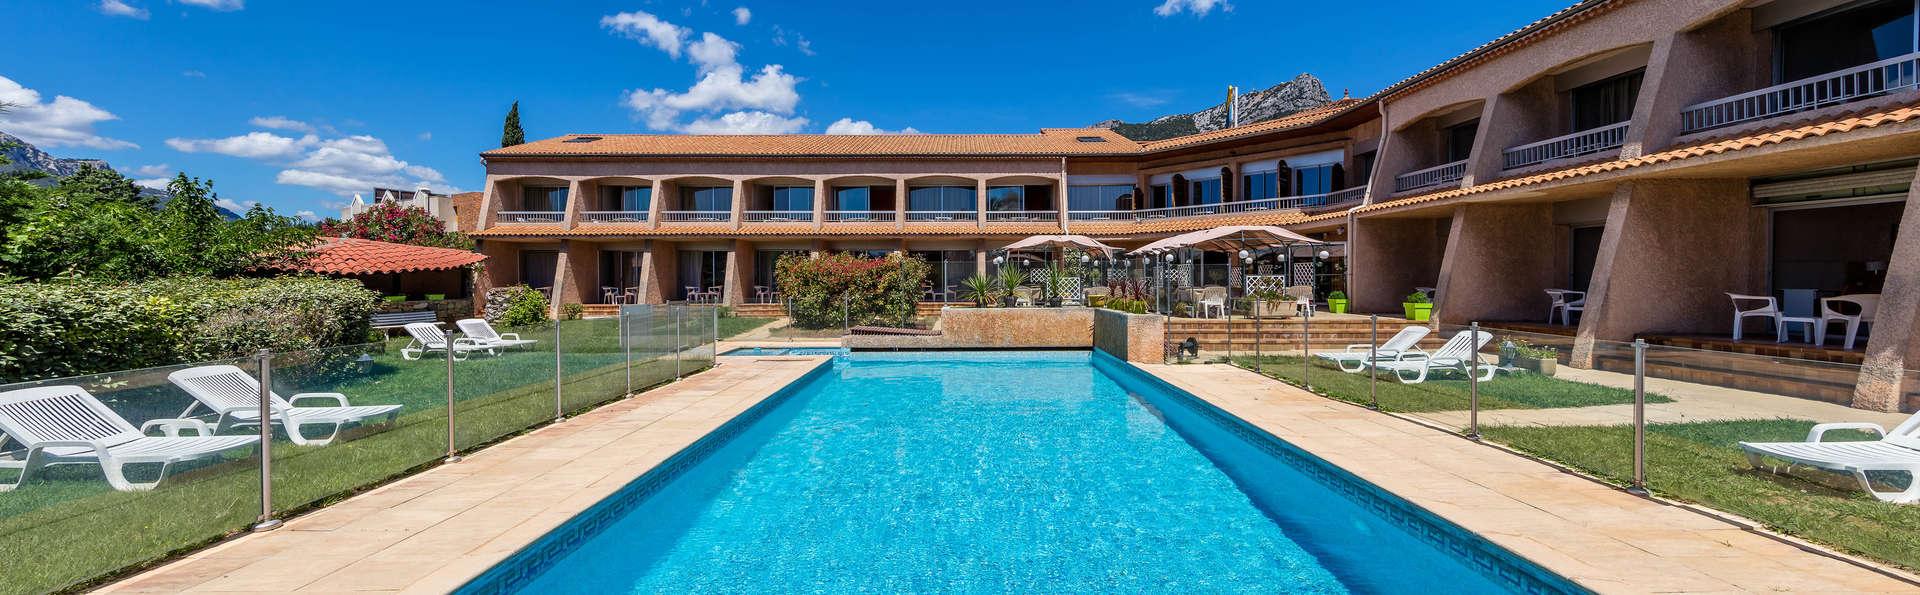 Week end bons plans la valette du var 83 partir de 64 for Hotel piscine interieure paca